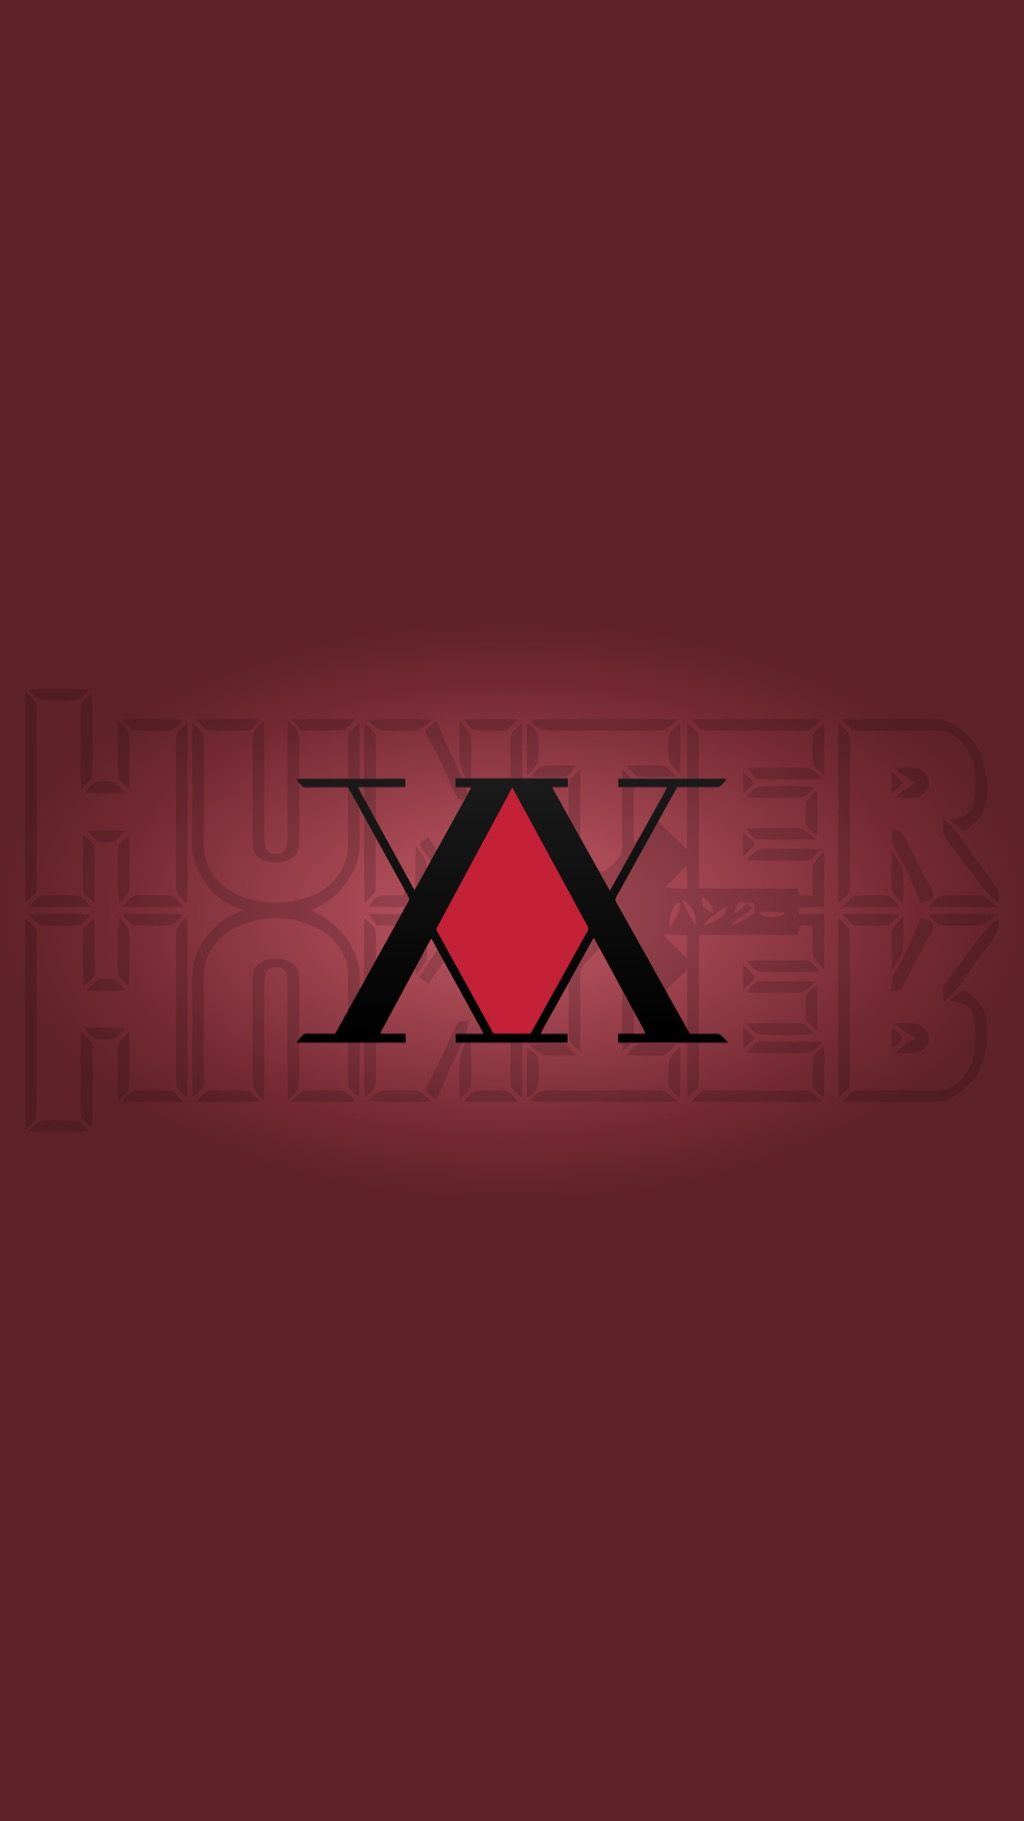 Hunter X Hunter Wallpaper Hunter X Hunter Anime Wallpaper Iphone Cute Anime Wallpaper